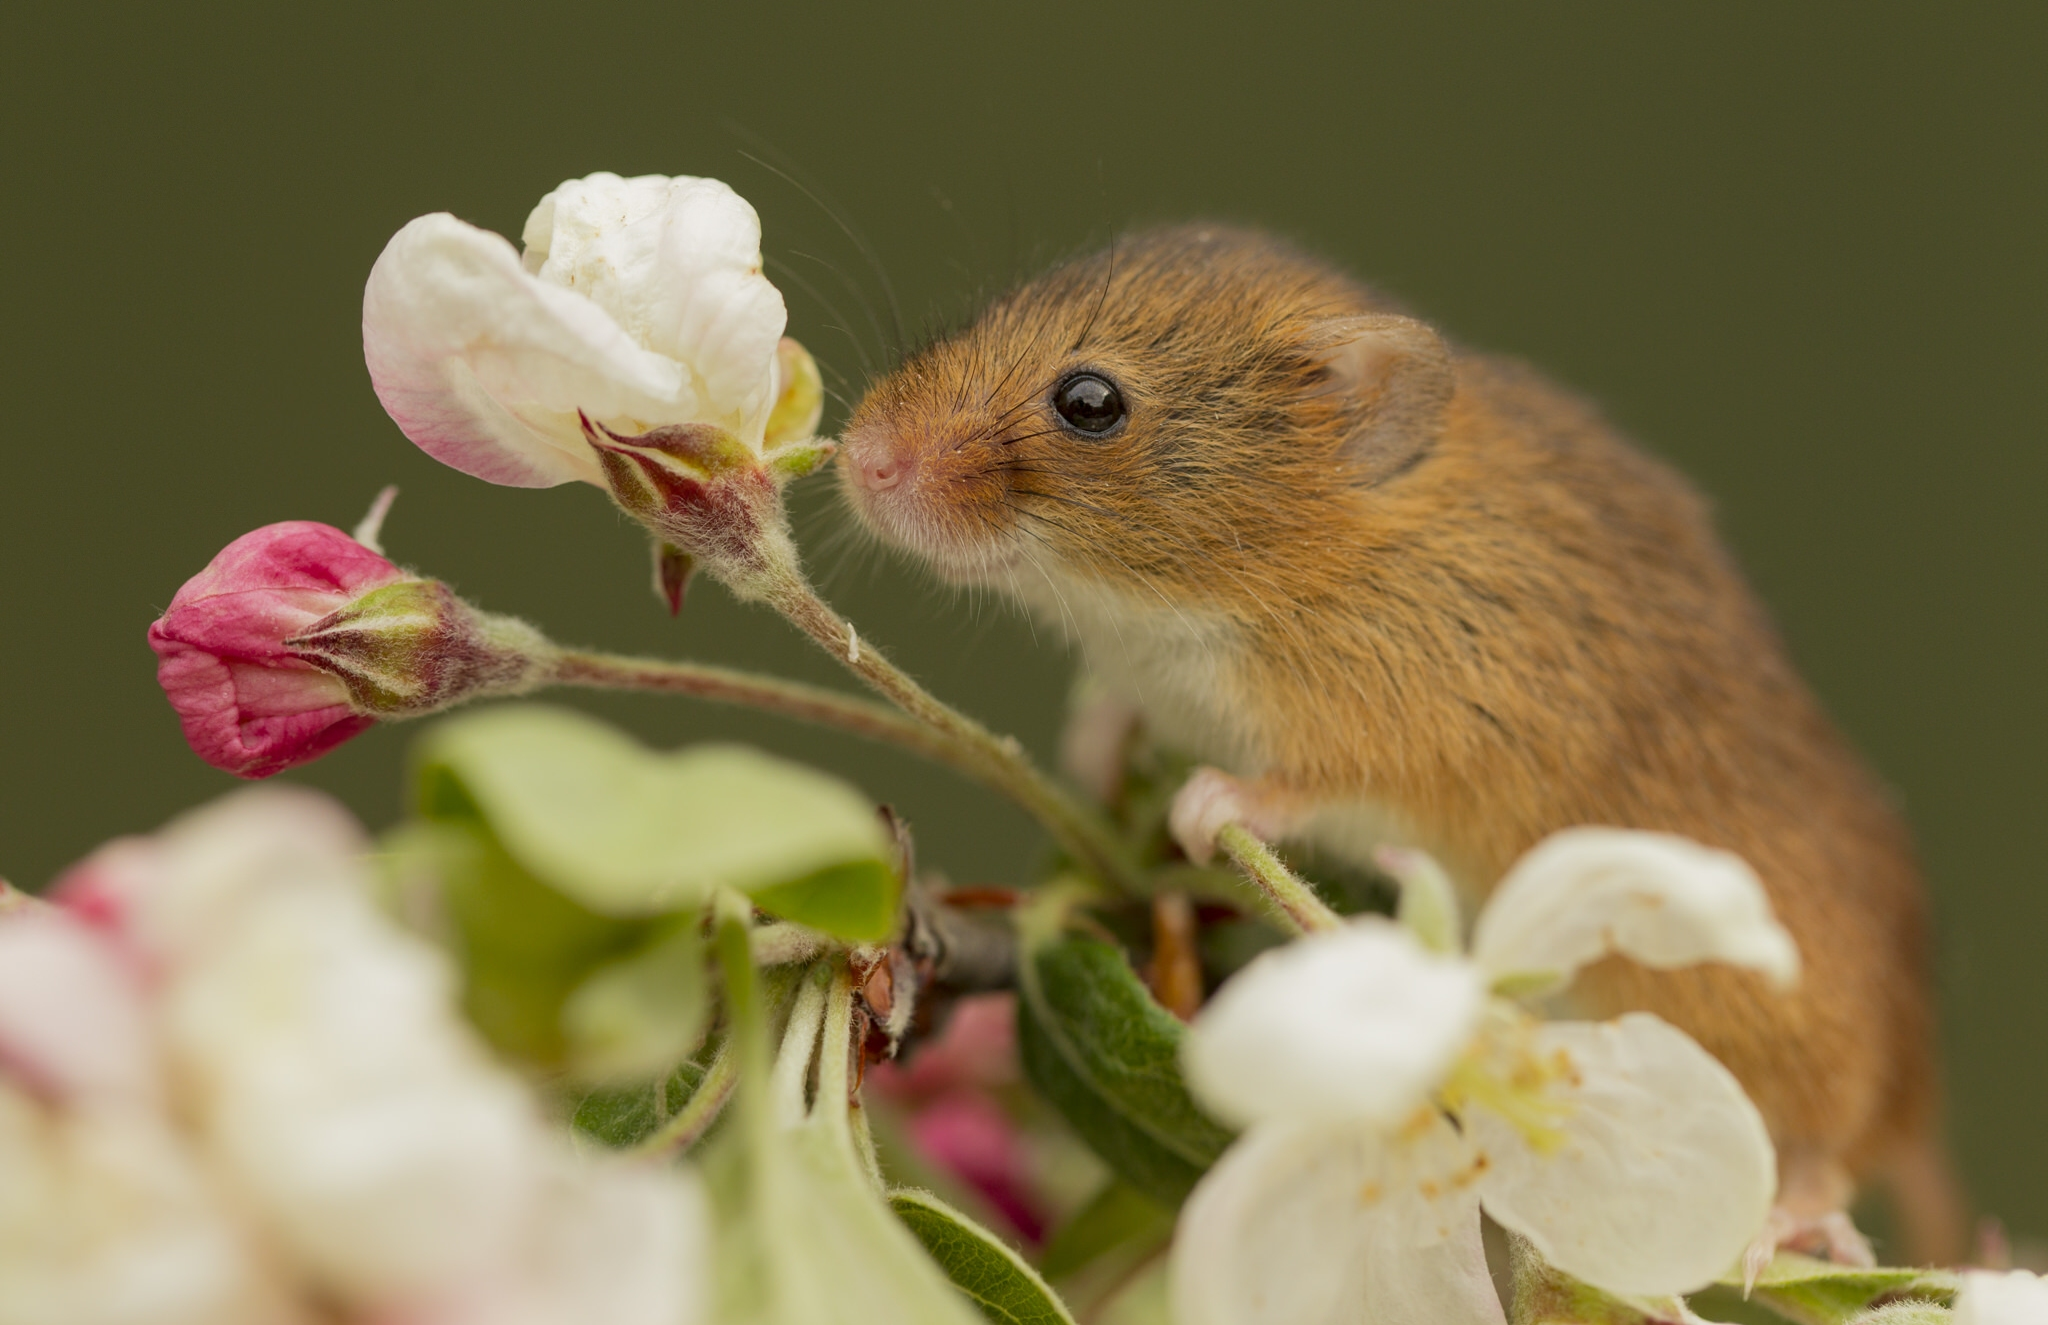 картинка красивого мышонка никогда жизни пробовали